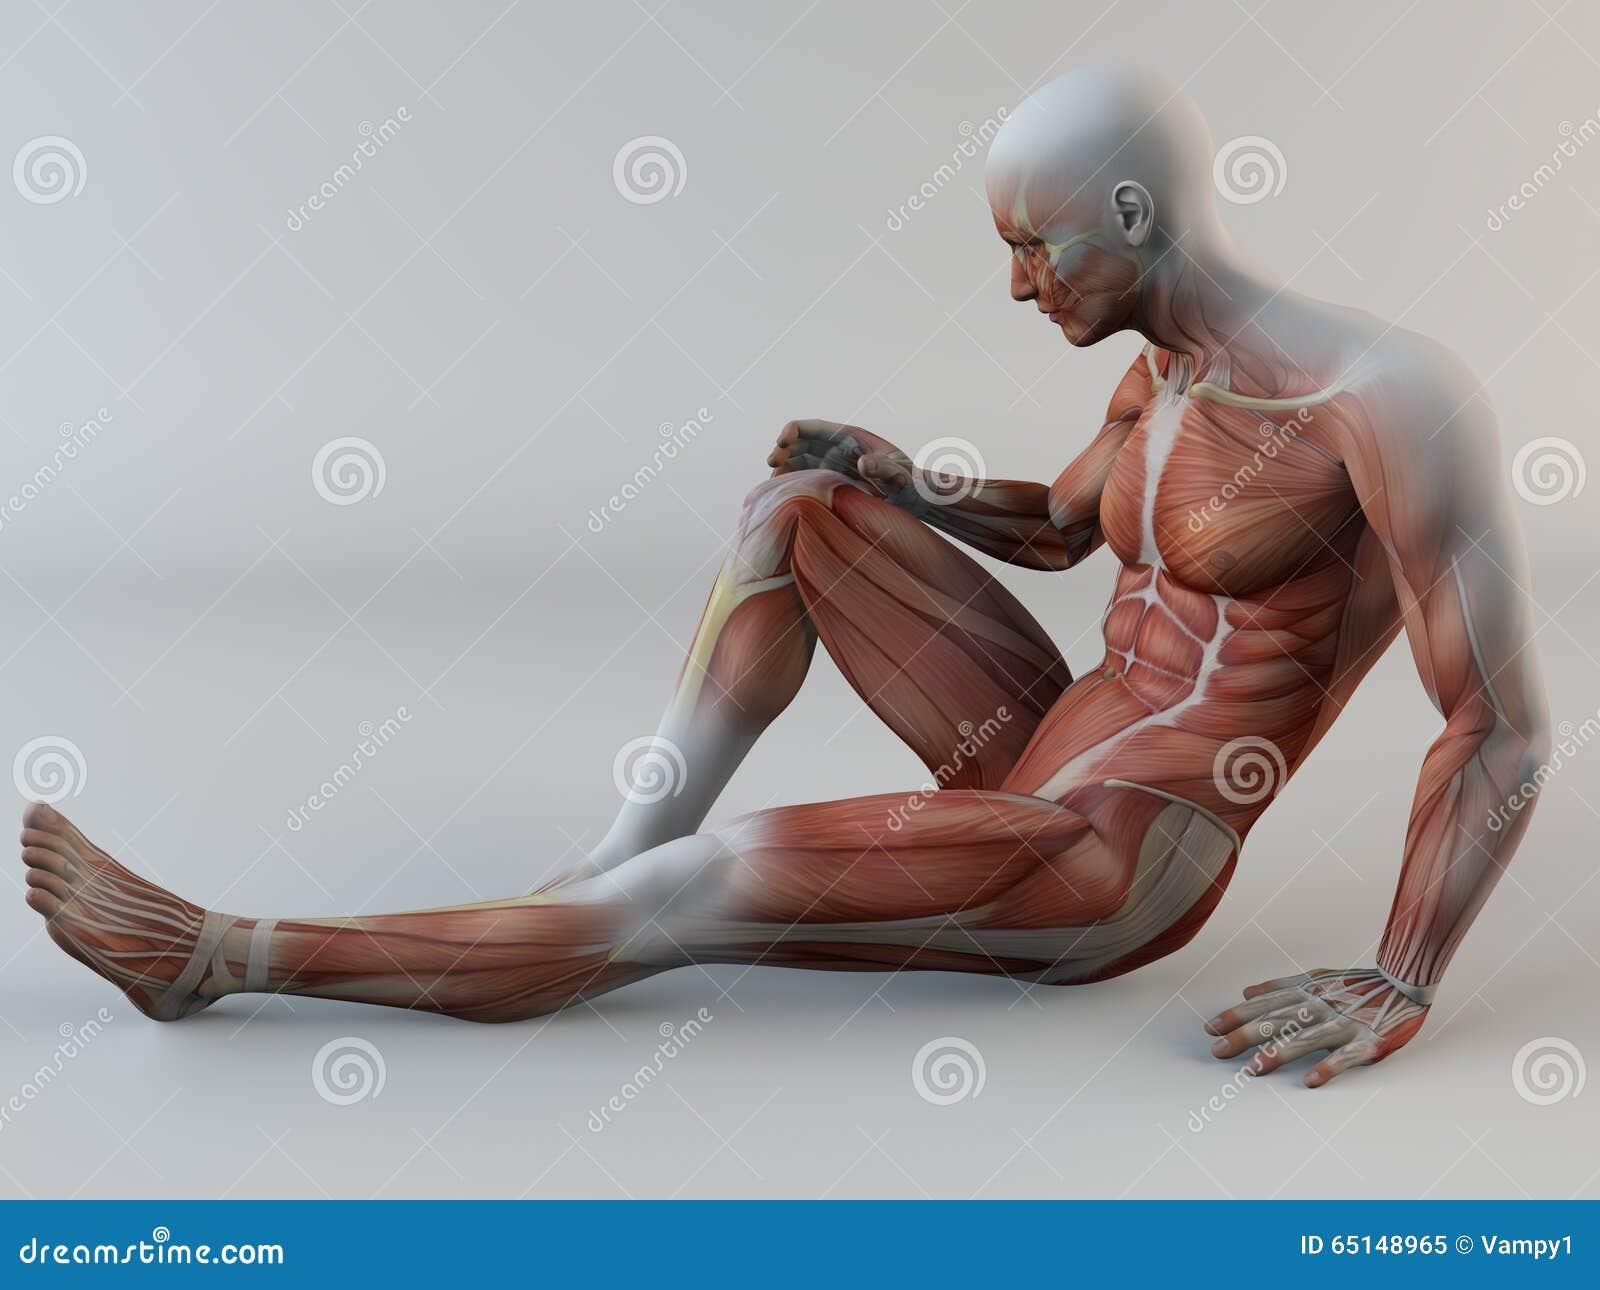 Corps humain, douleur de genou, muscles, larme de muscle